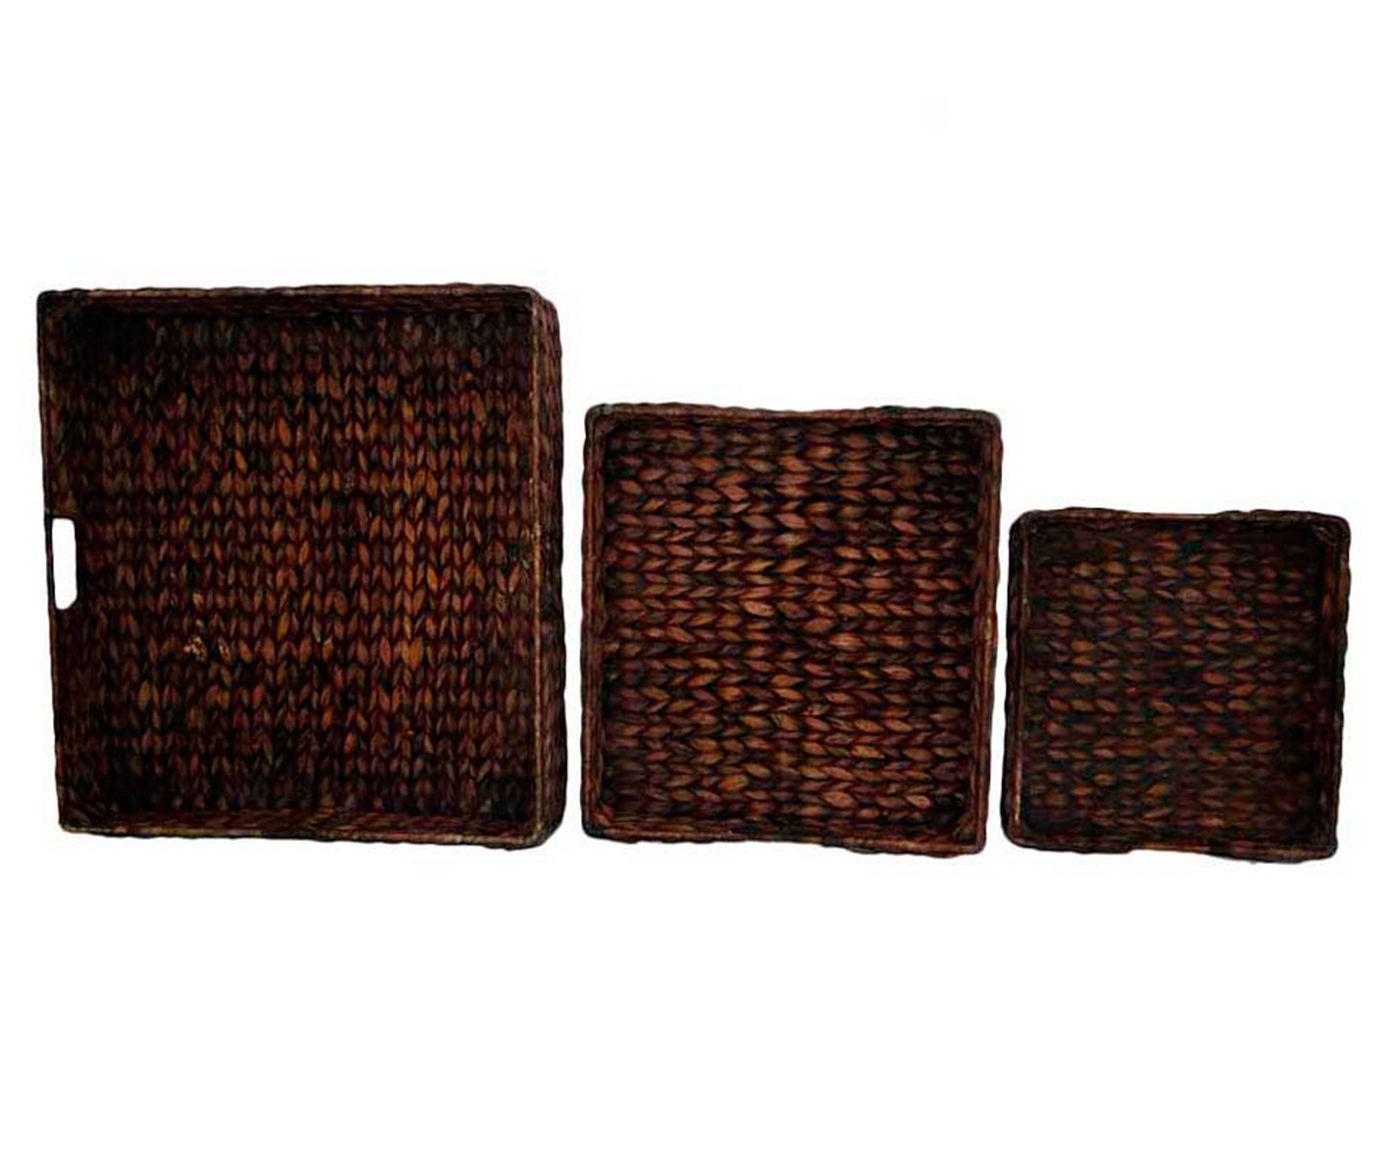 Conjunto de cestas braided | Westwing.com.br